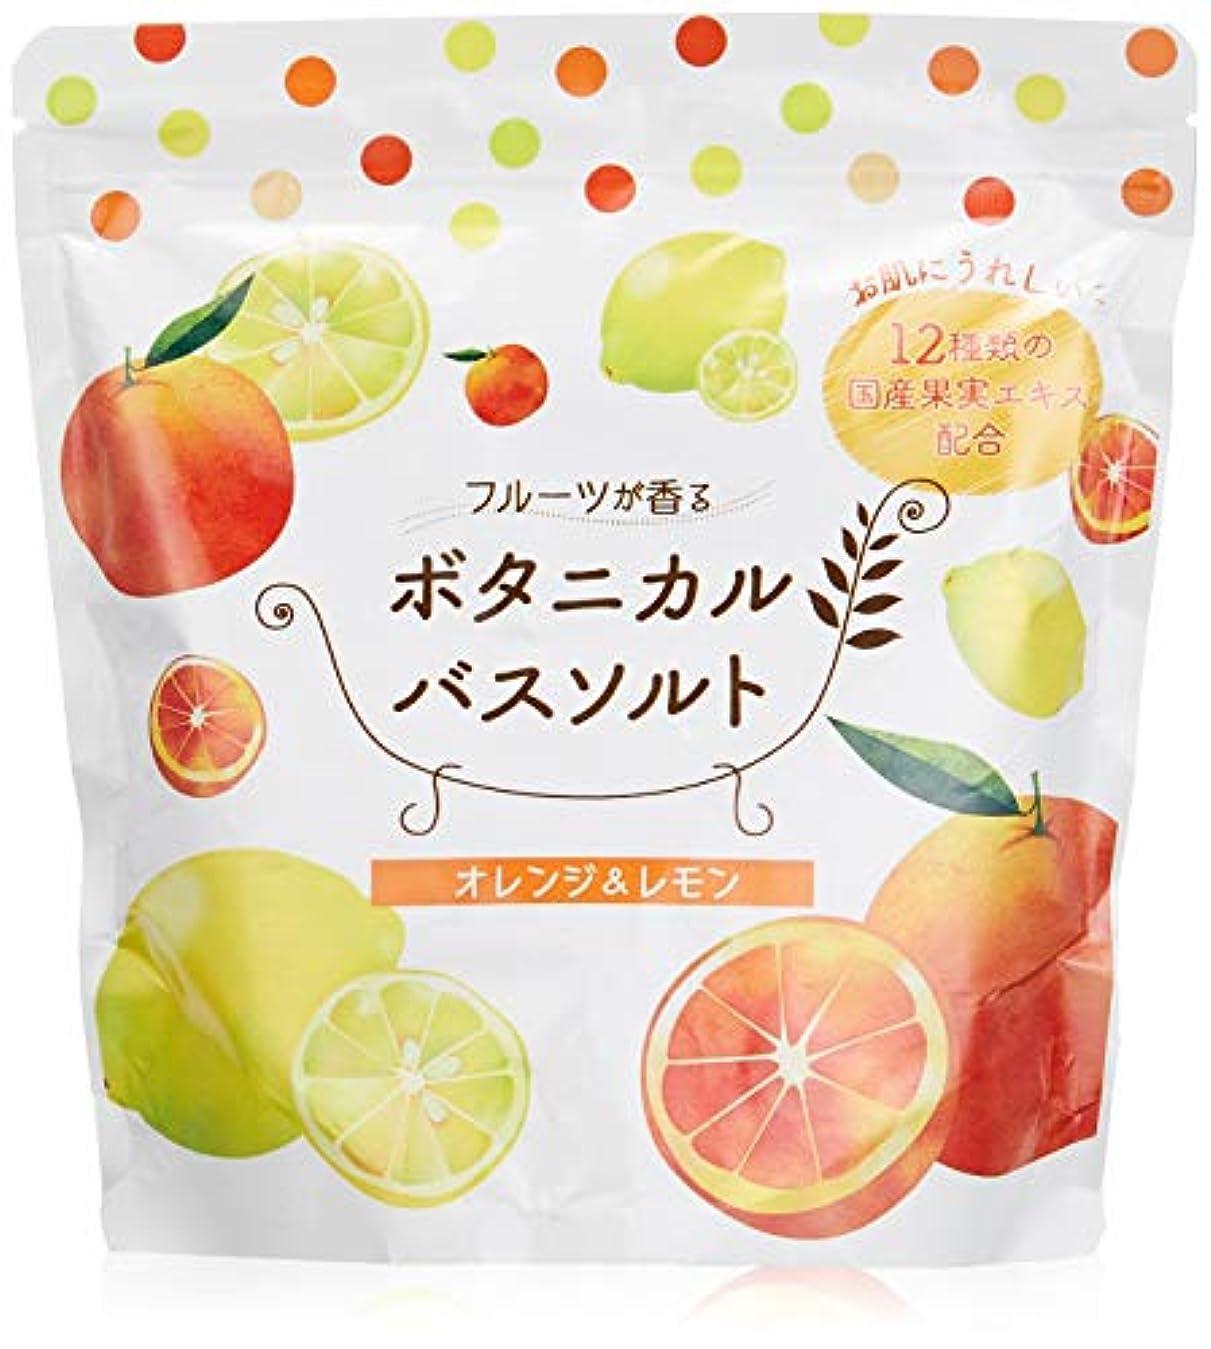 電話をかけるいとこ登る松田医薬品 フルーツが香るボタニカルバスソルト オレンジ&レモン 450g